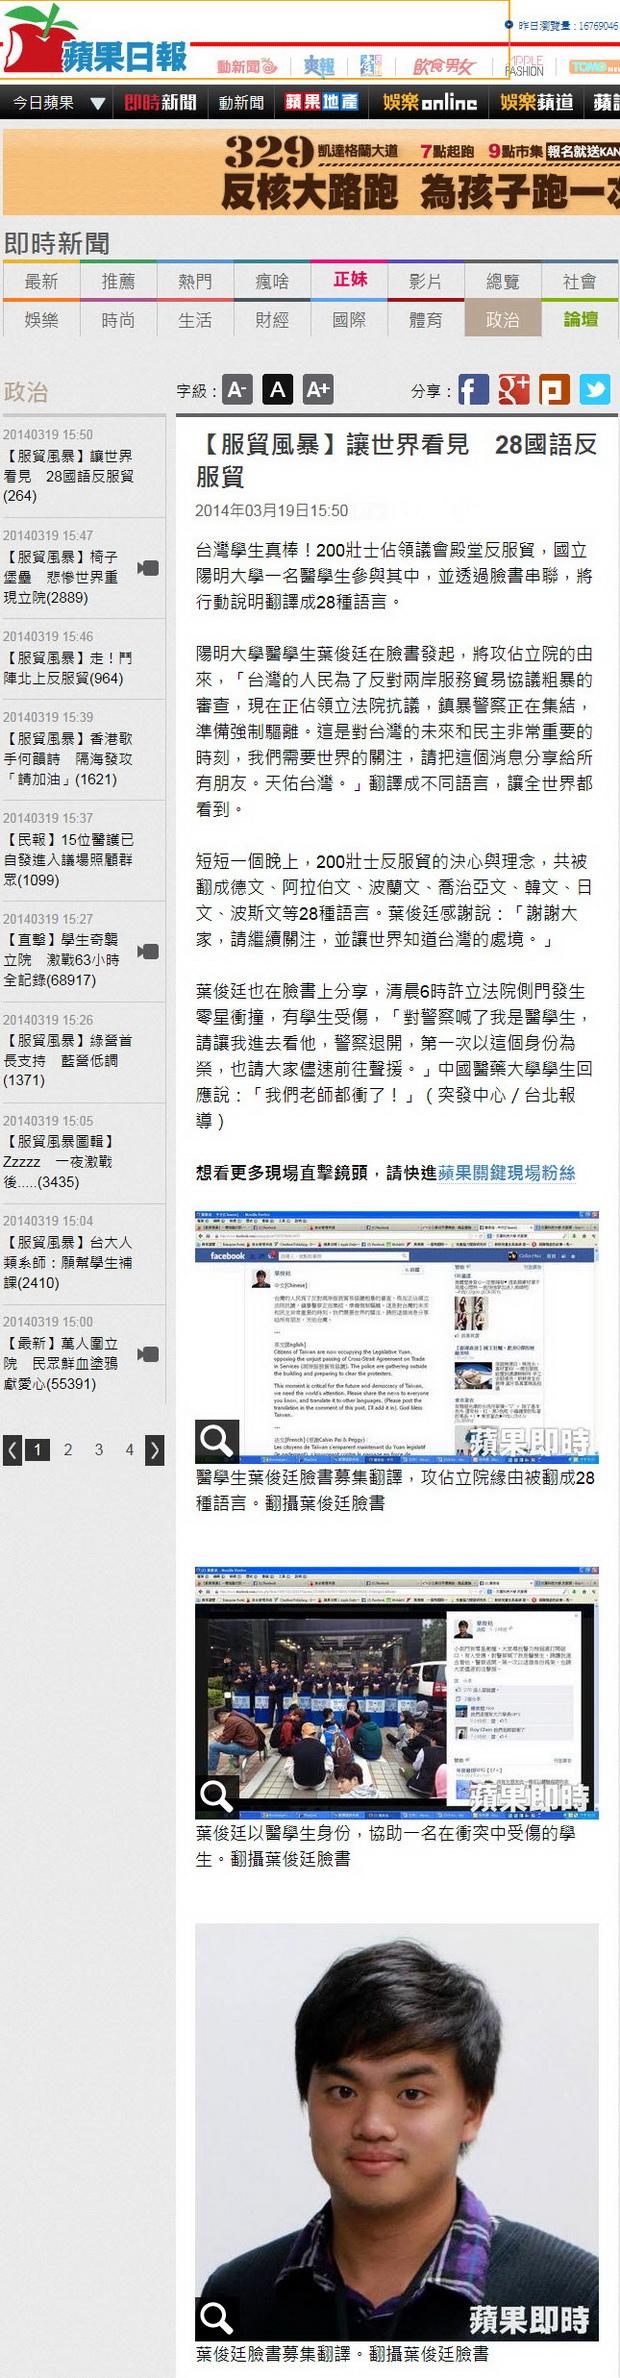 【服貿風暴】讓世界看見 28國語反服貿-2014.03.19.jpg